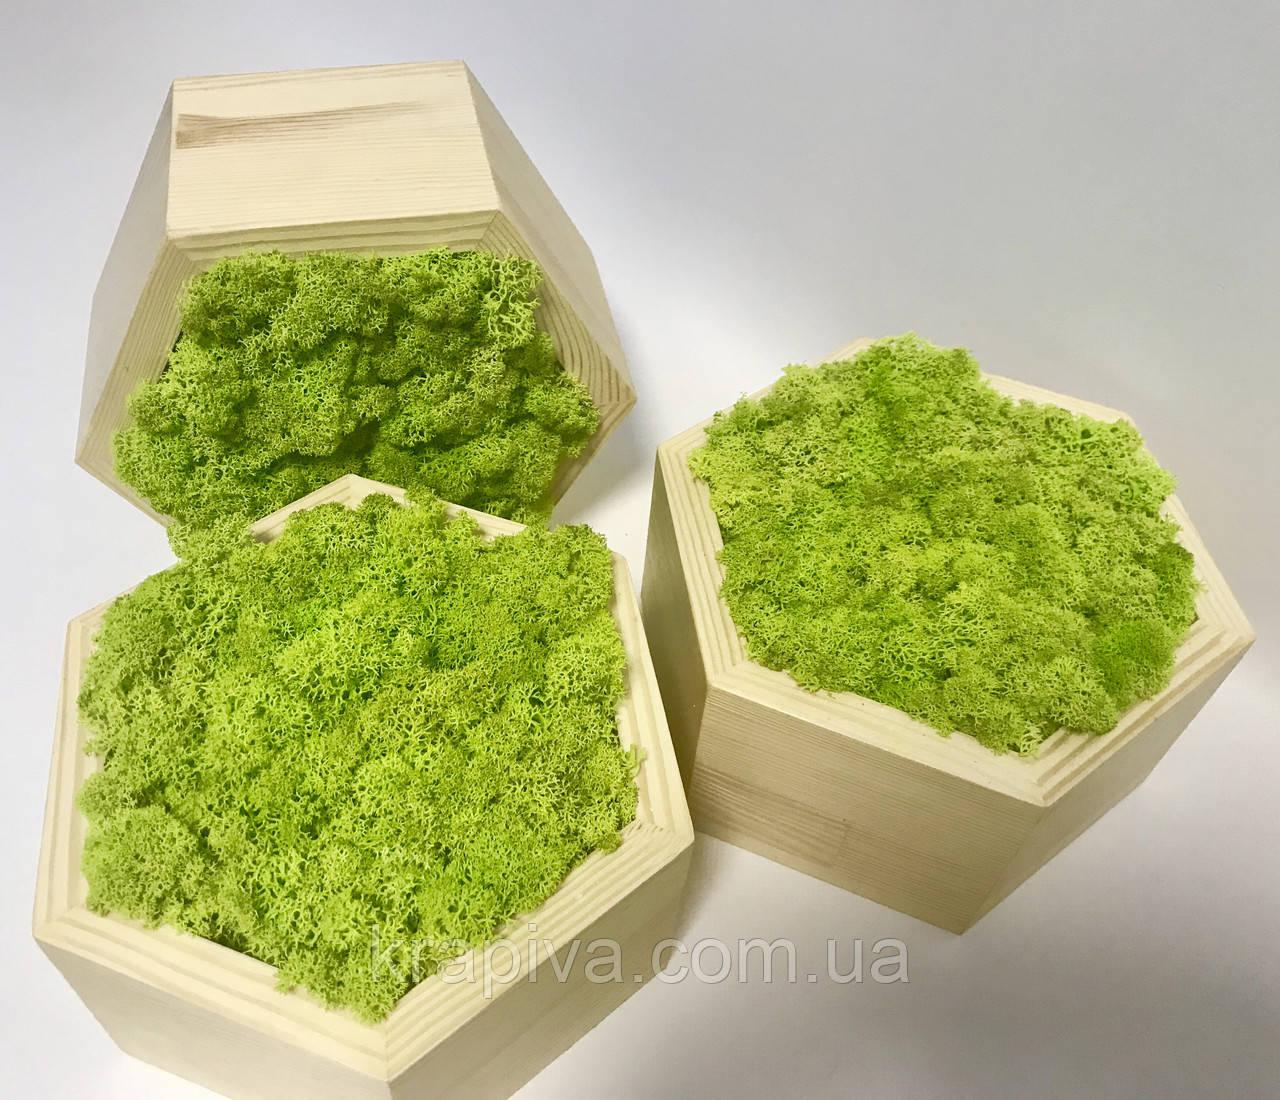 Полку 3 шт стільники зі стабілізованим мохом, кашпо мох, полку мох В НАЯВНОСТІ